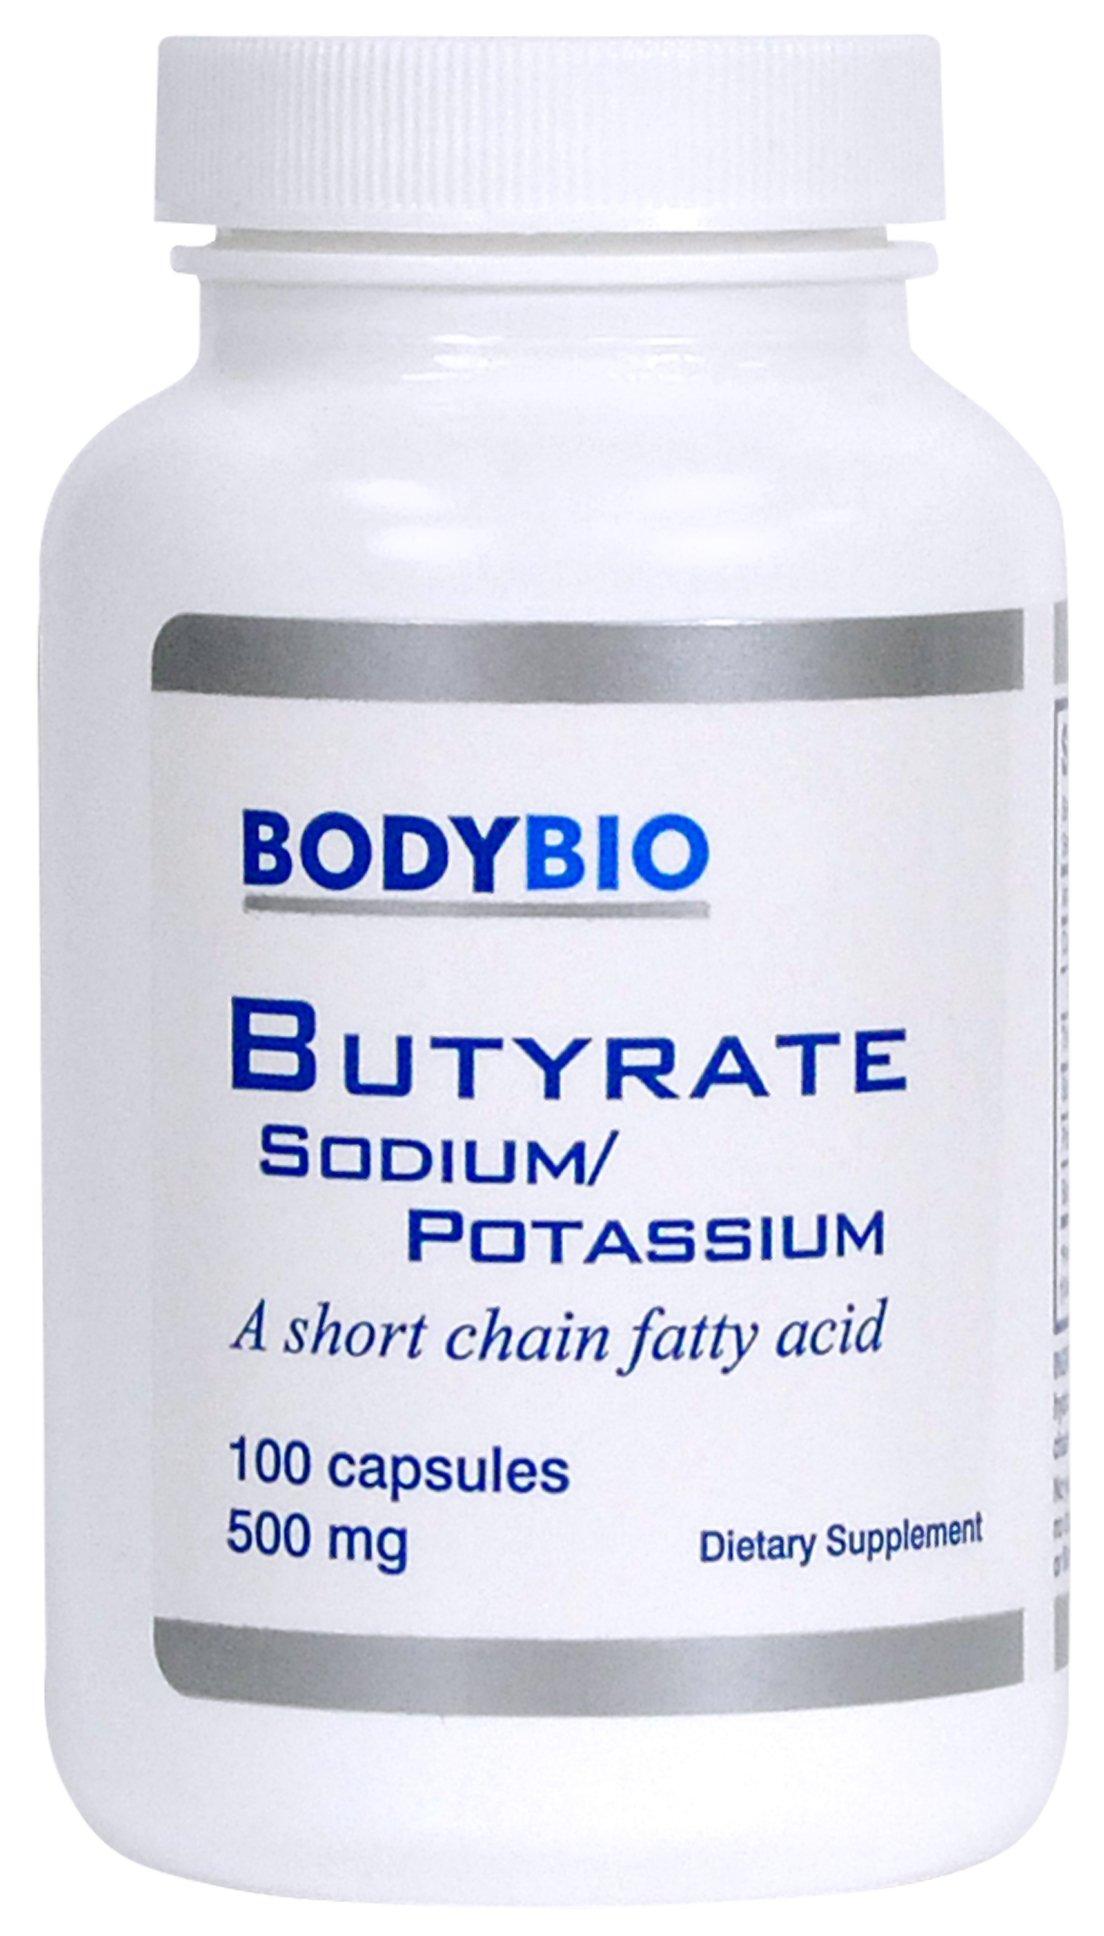 BodyBio - Butyrate Sodium-Potassium, 500mg, 100 Vegetarian Capsules